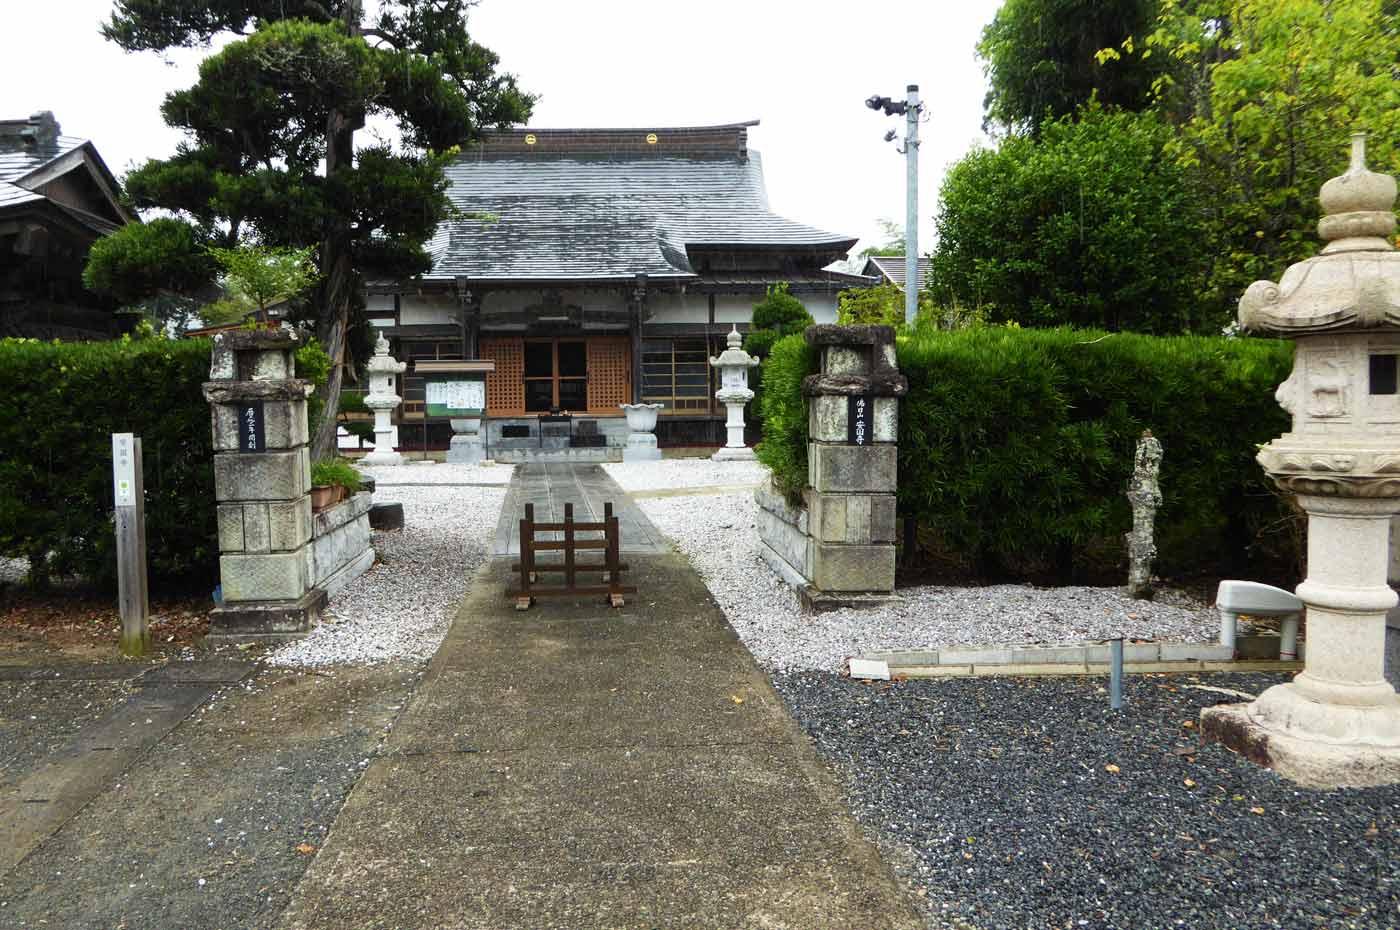 安国寺 駐車場から見た本堂の画像